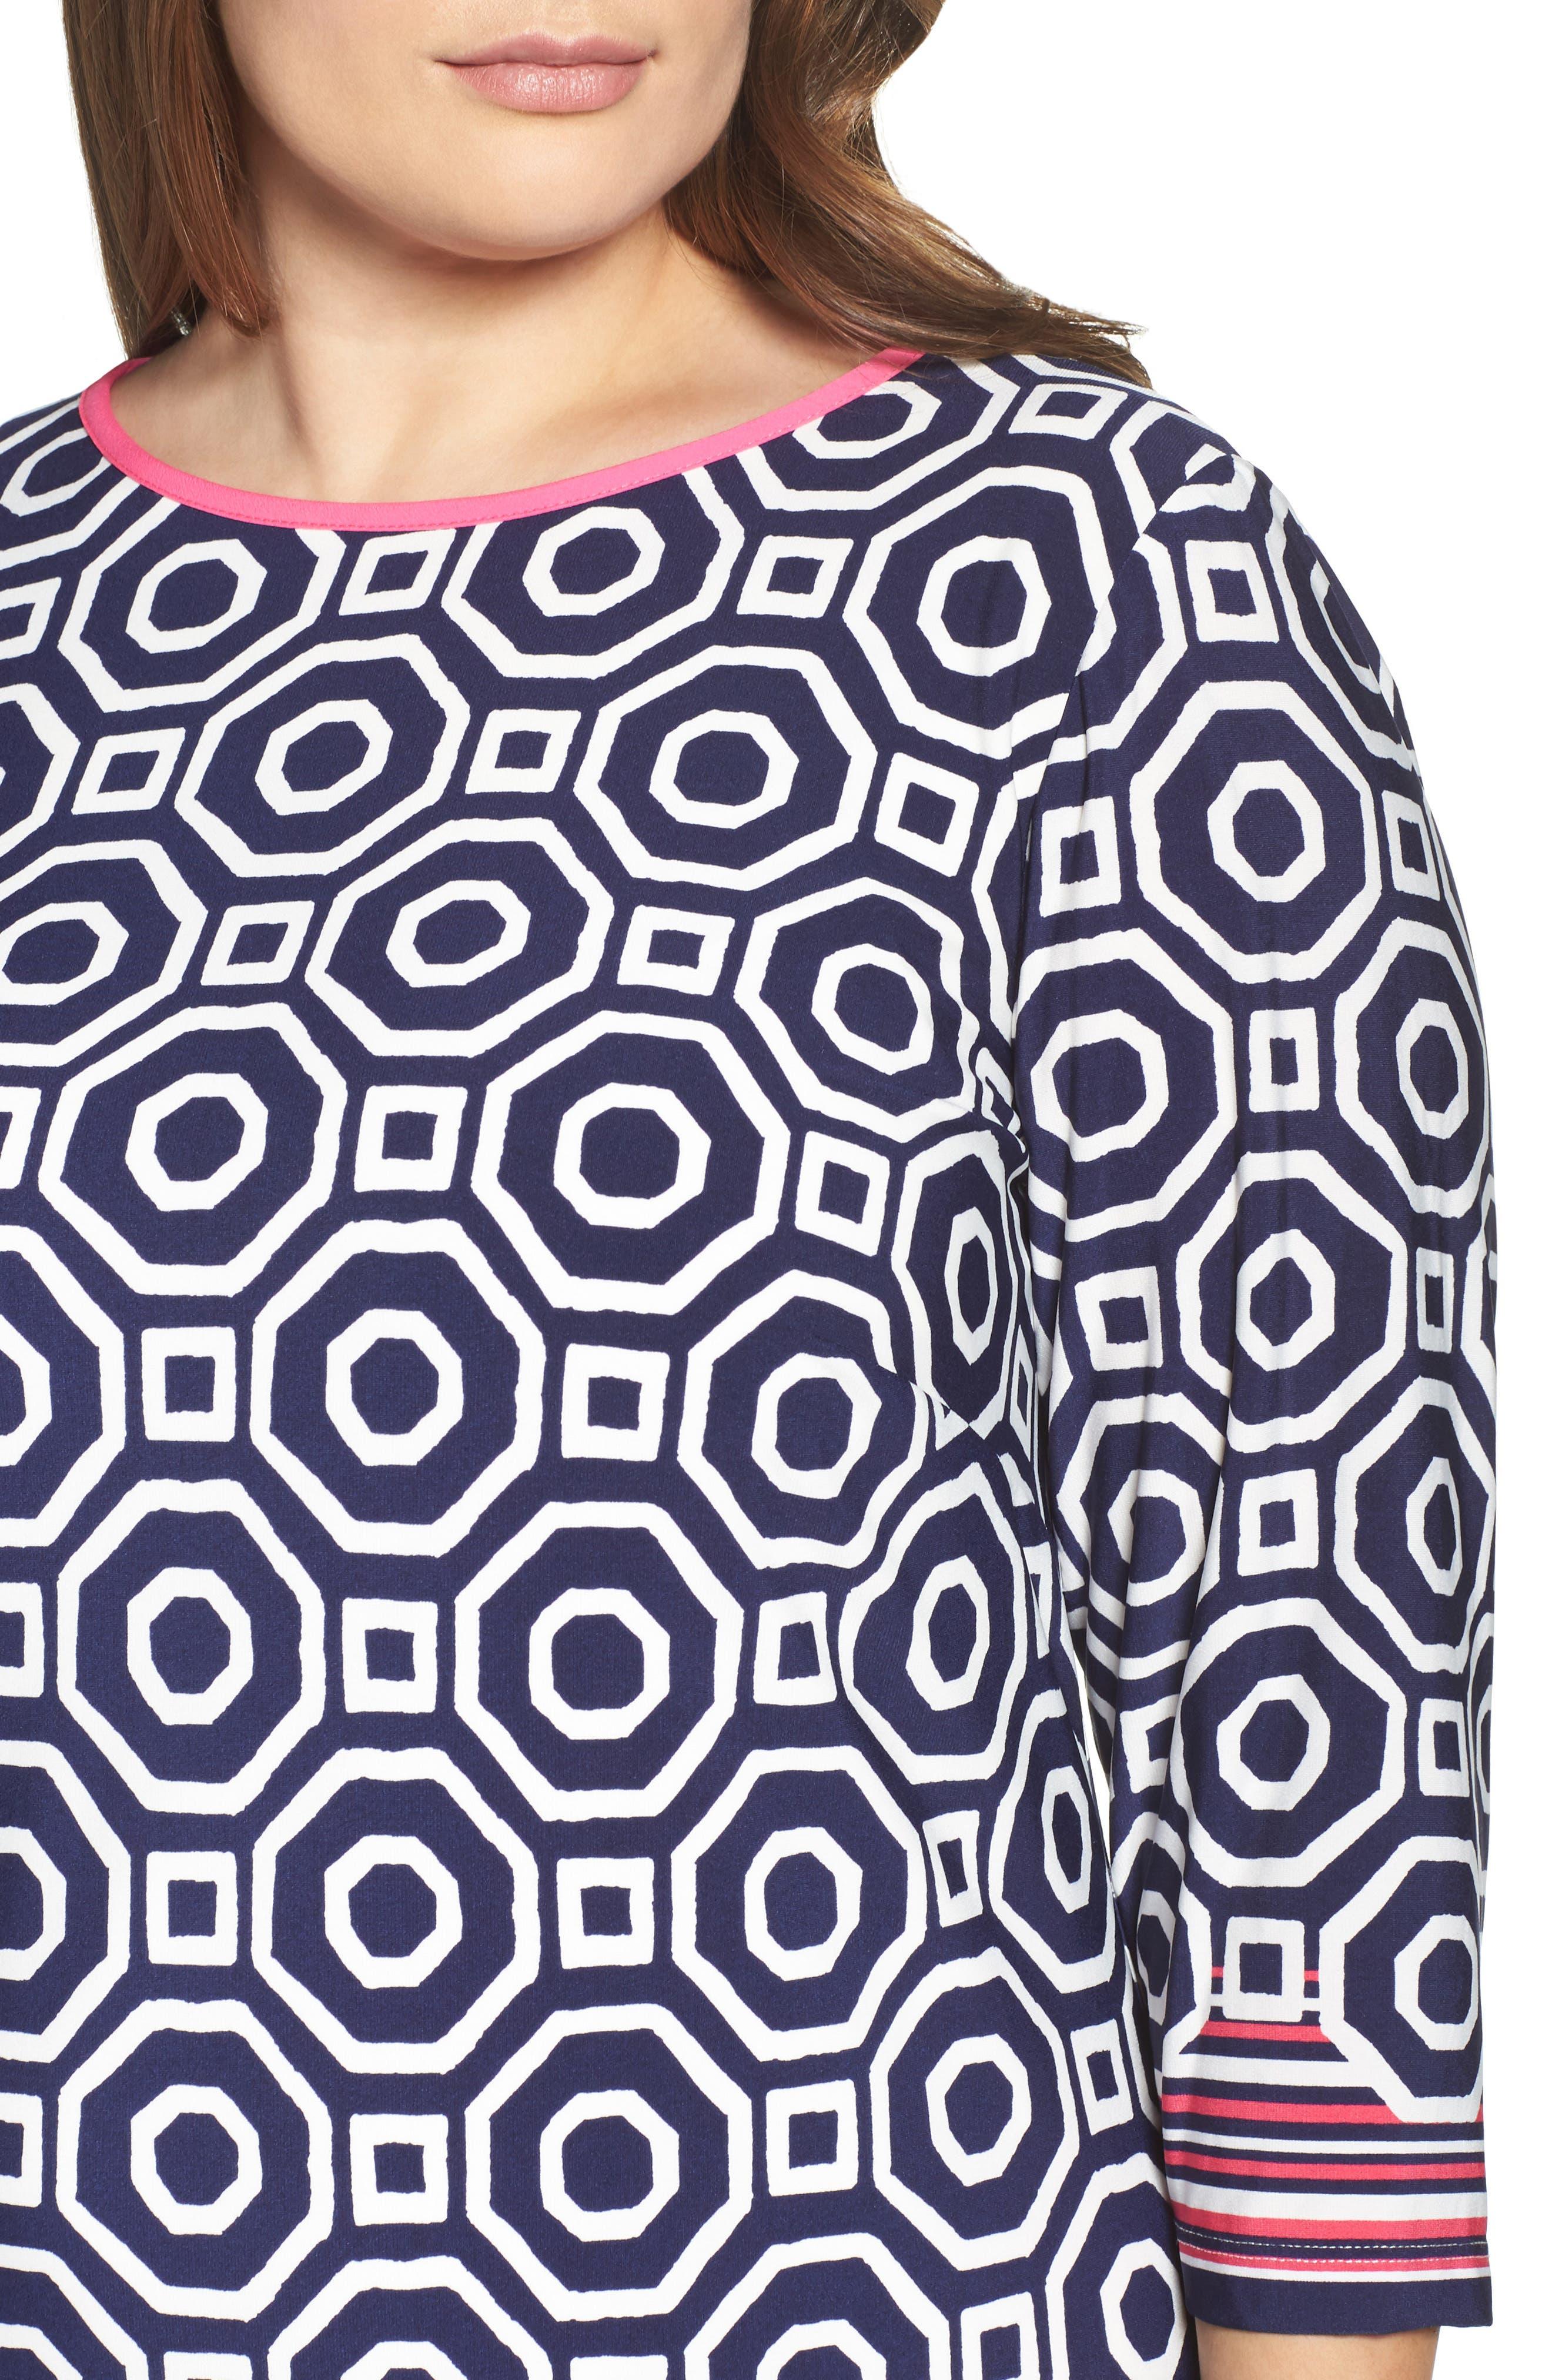 Border Print Shift Dress,                             Alternate thumbnail 4, color,                             410